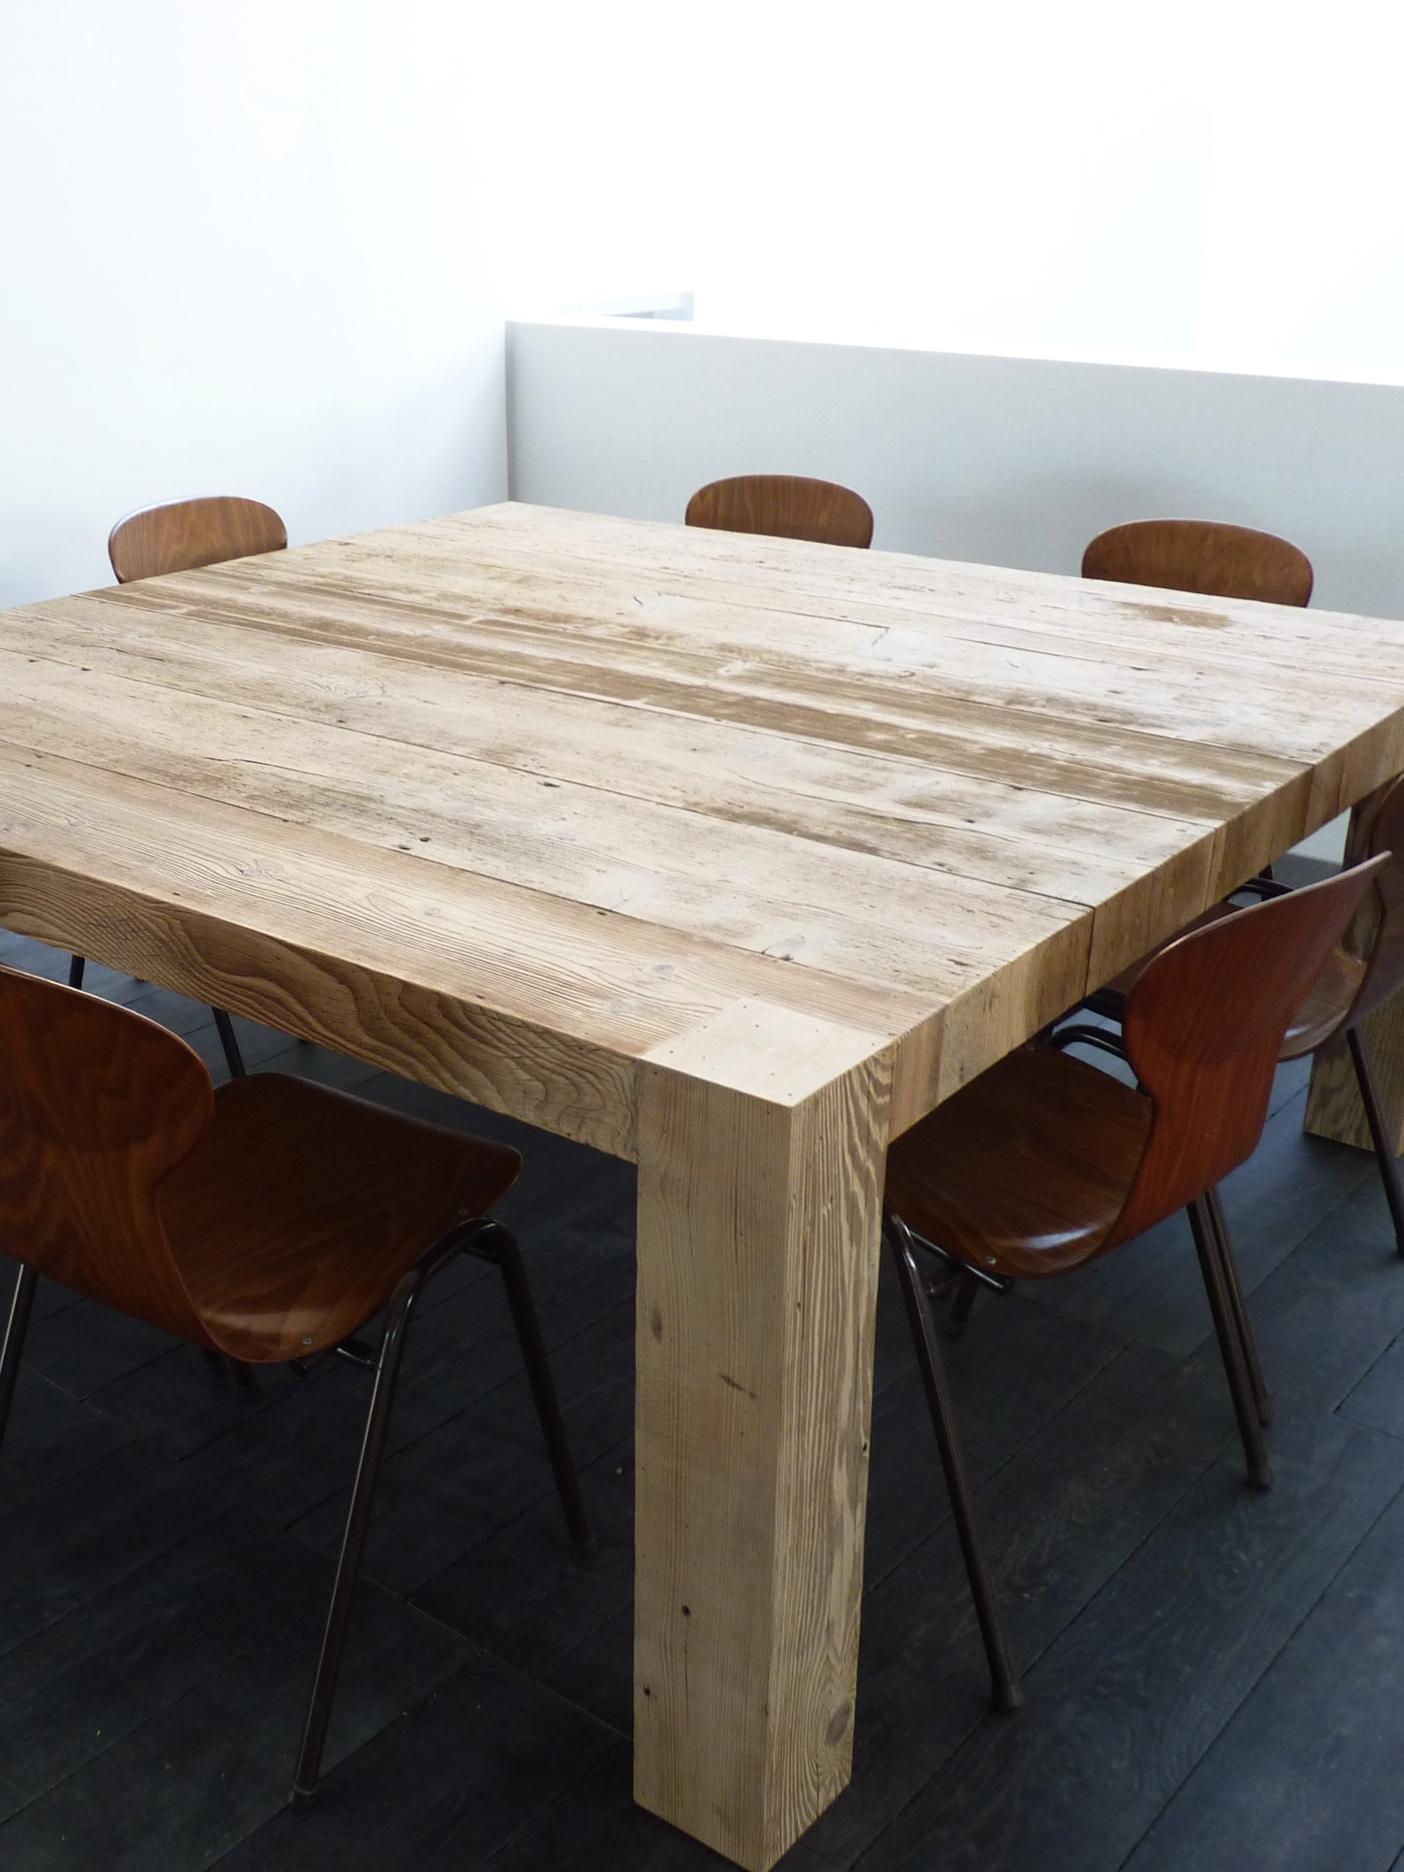 tout STYLE - Traditionnel au contemporain, nous réalisons tous les styles d'ameublement intérieur et extérieur, avec un large choix d'essences de bois: Chêne, Sapin, Frêne ...